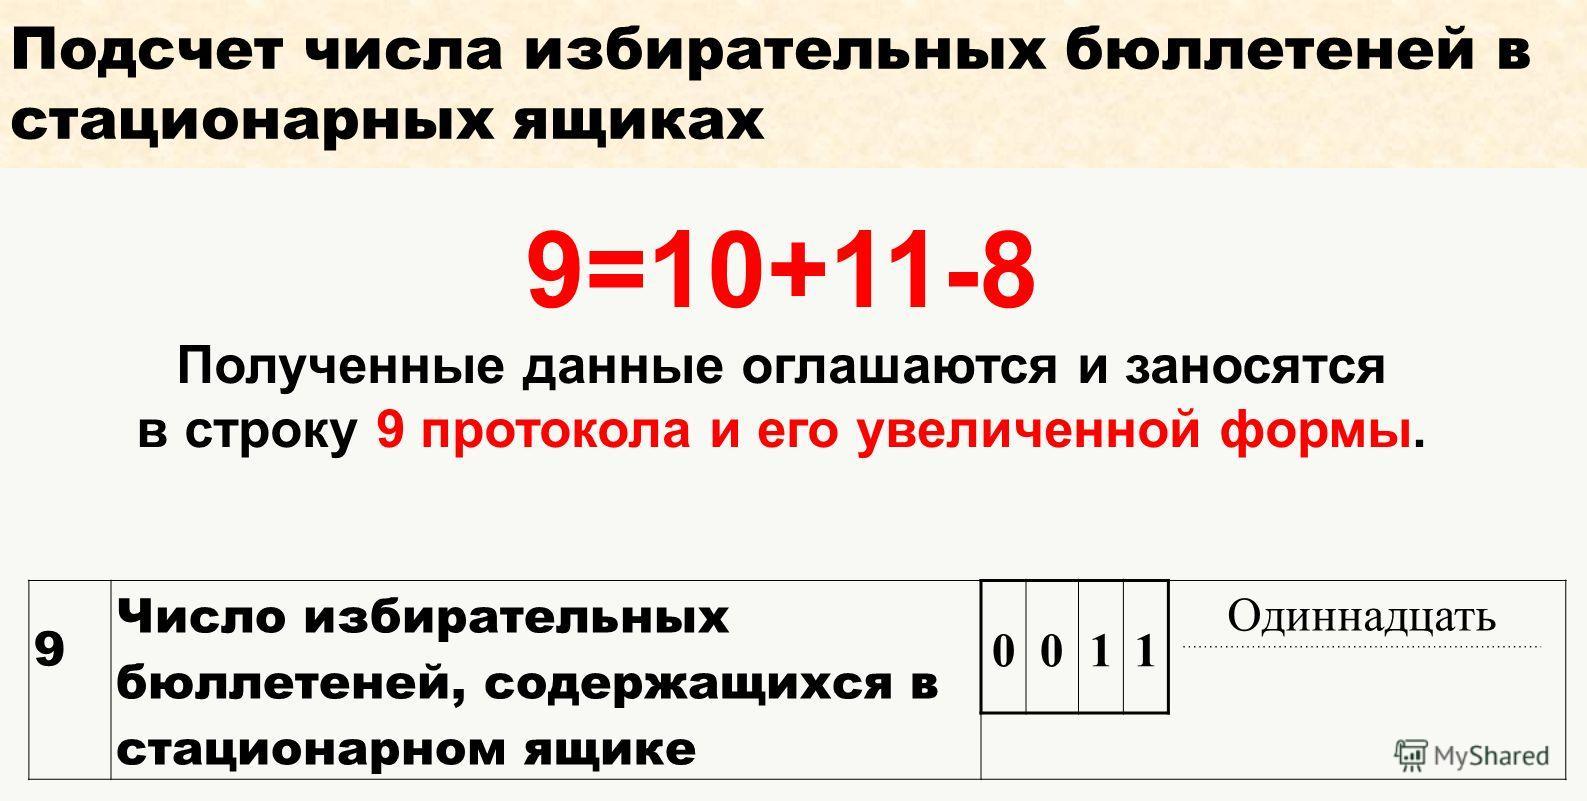 Подсчет числа избирательных бюллетеней в стационарных ящиках 9=10+11-8 Полученные данные оглашаются и заносятся в строку 9 протокола и его увеличенной формы. 9 Число избирательных бюллетеней, содержащихся в стационарном ящике 0011 Одиннадцать